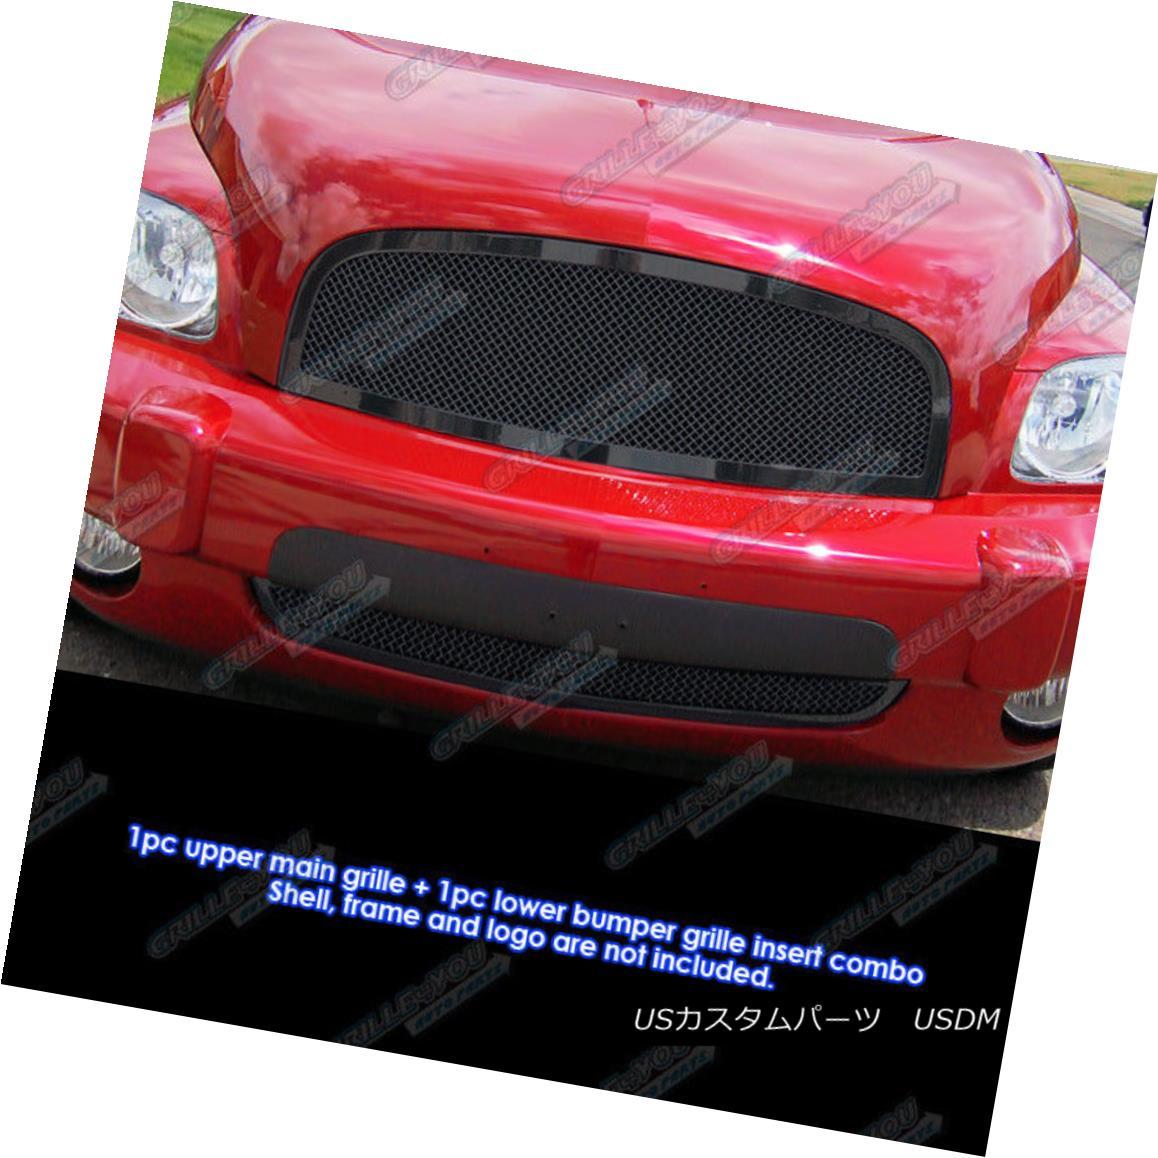 グリル Custom Fits 2006-2011 Chevy HHR Black Stainless Steel Mesh Grill Combo カスタムフィット2006年から2011年シボレーHHRブラックステンレスメッシュグリルコンボ